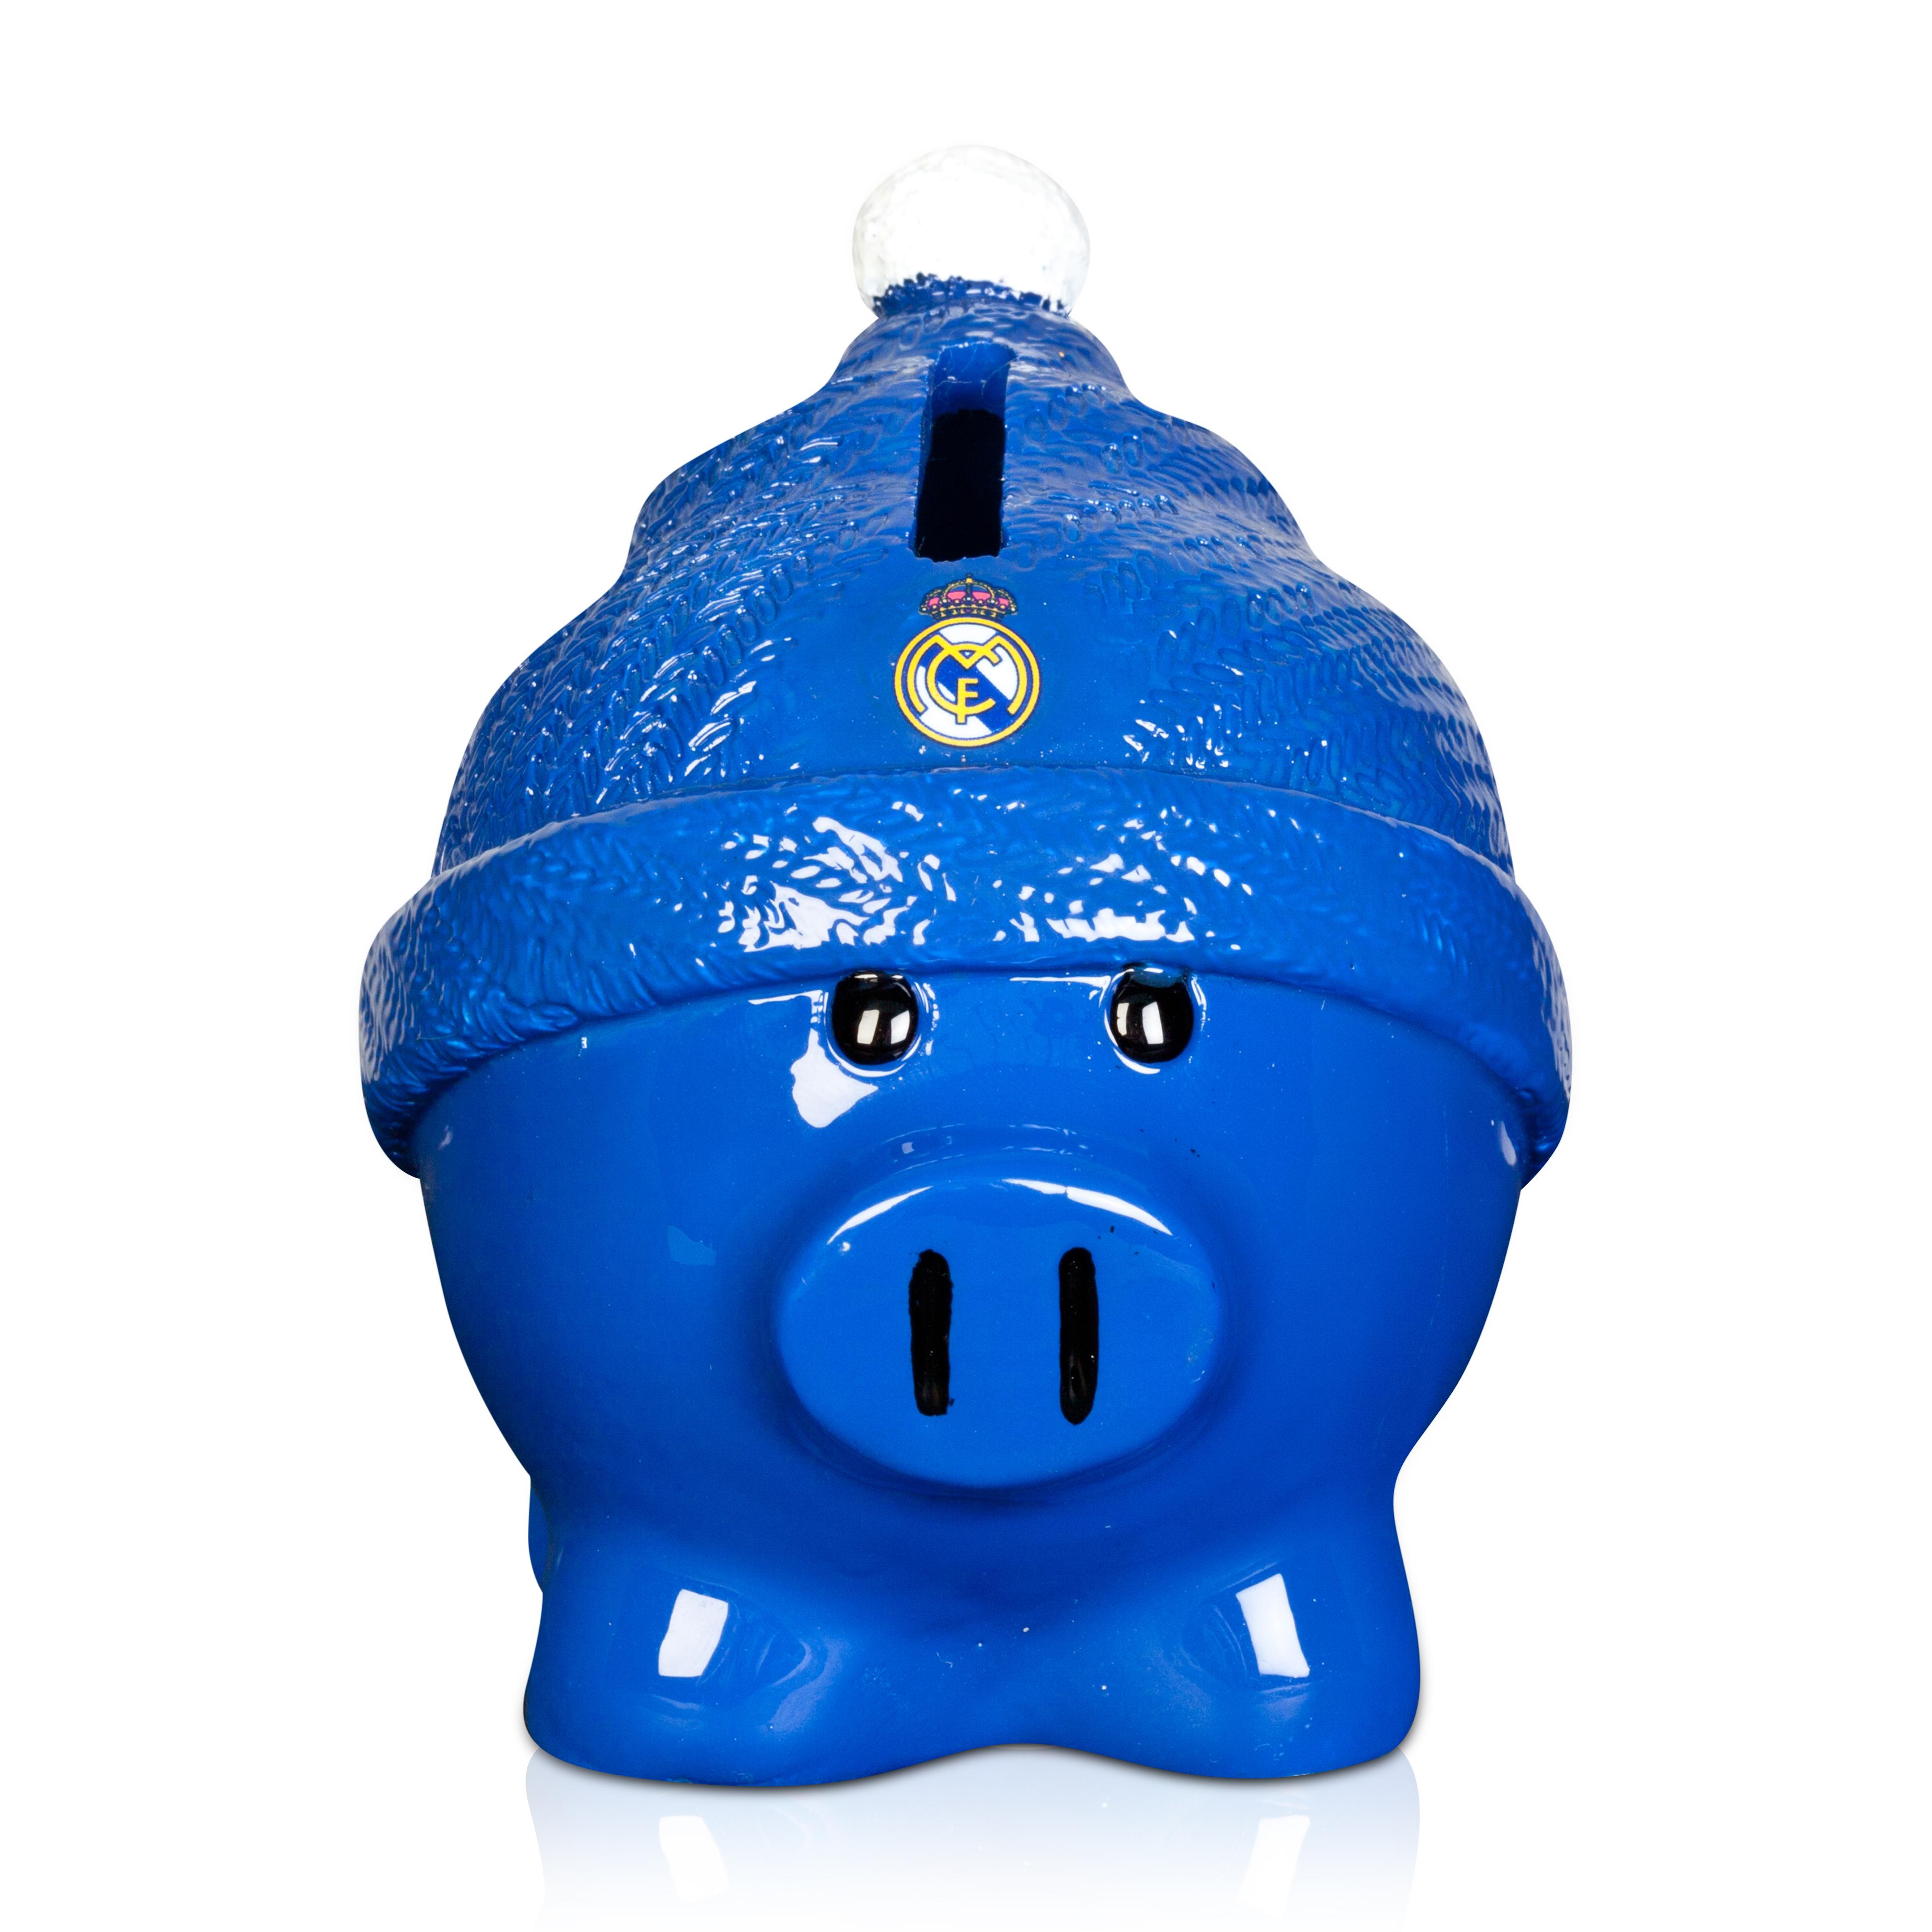 Hucha de cerdito Real Madrid - Azul